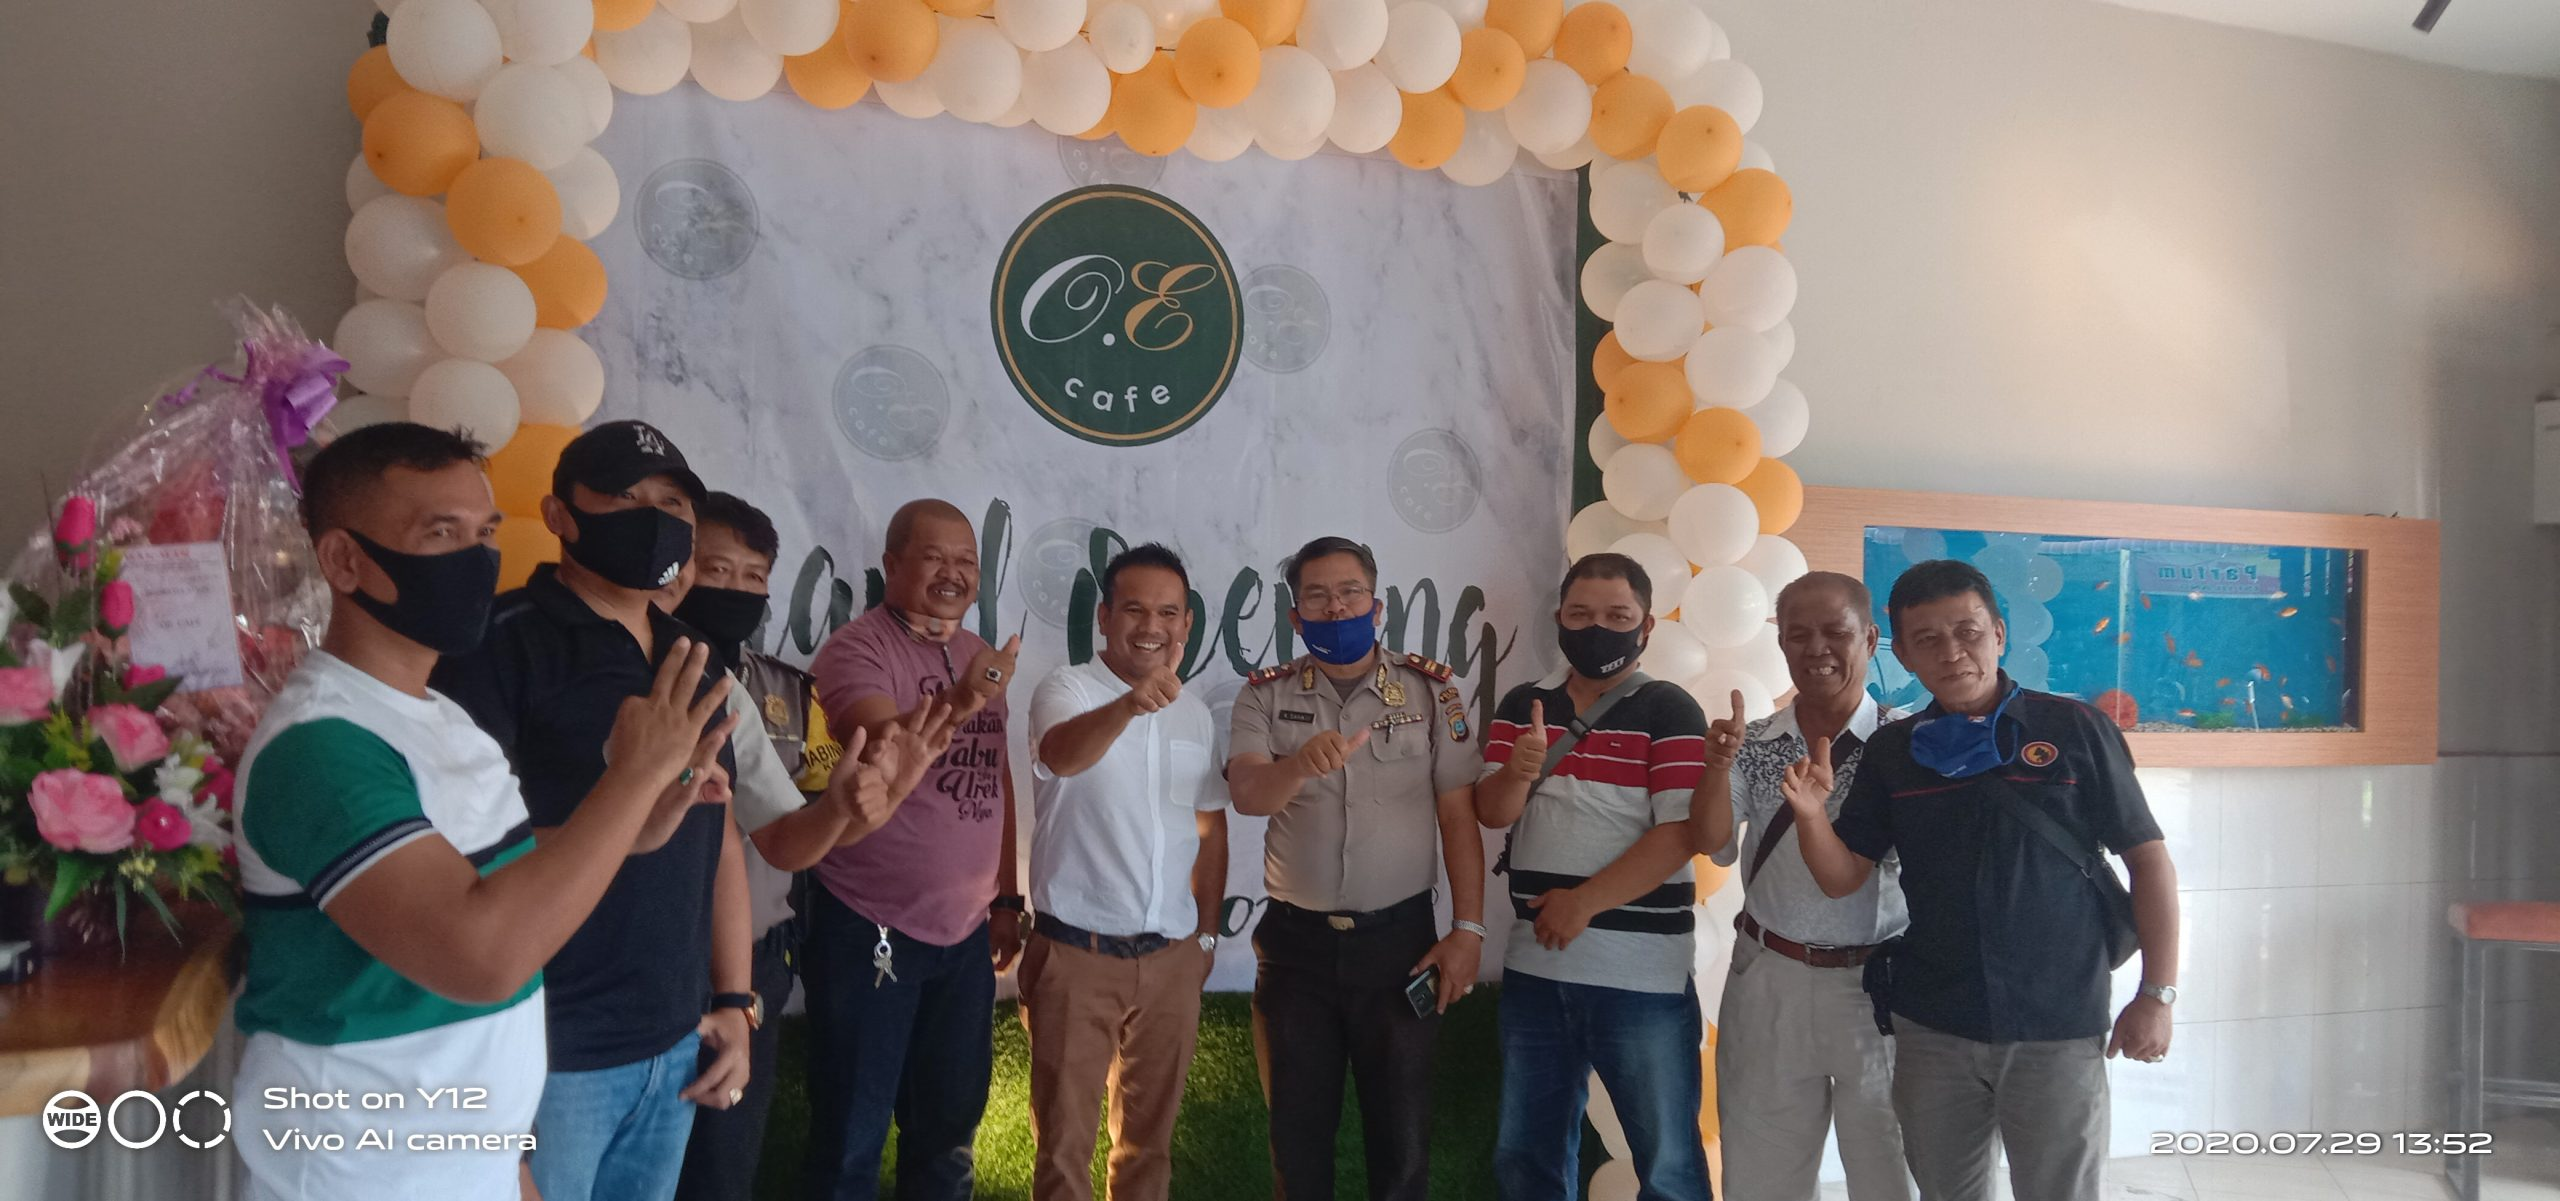 ket foto: Owner O.E Cafe Abadi Tarigan ( tegah-kemeja putih), bersama para tamu saat grand opening./dyk.p